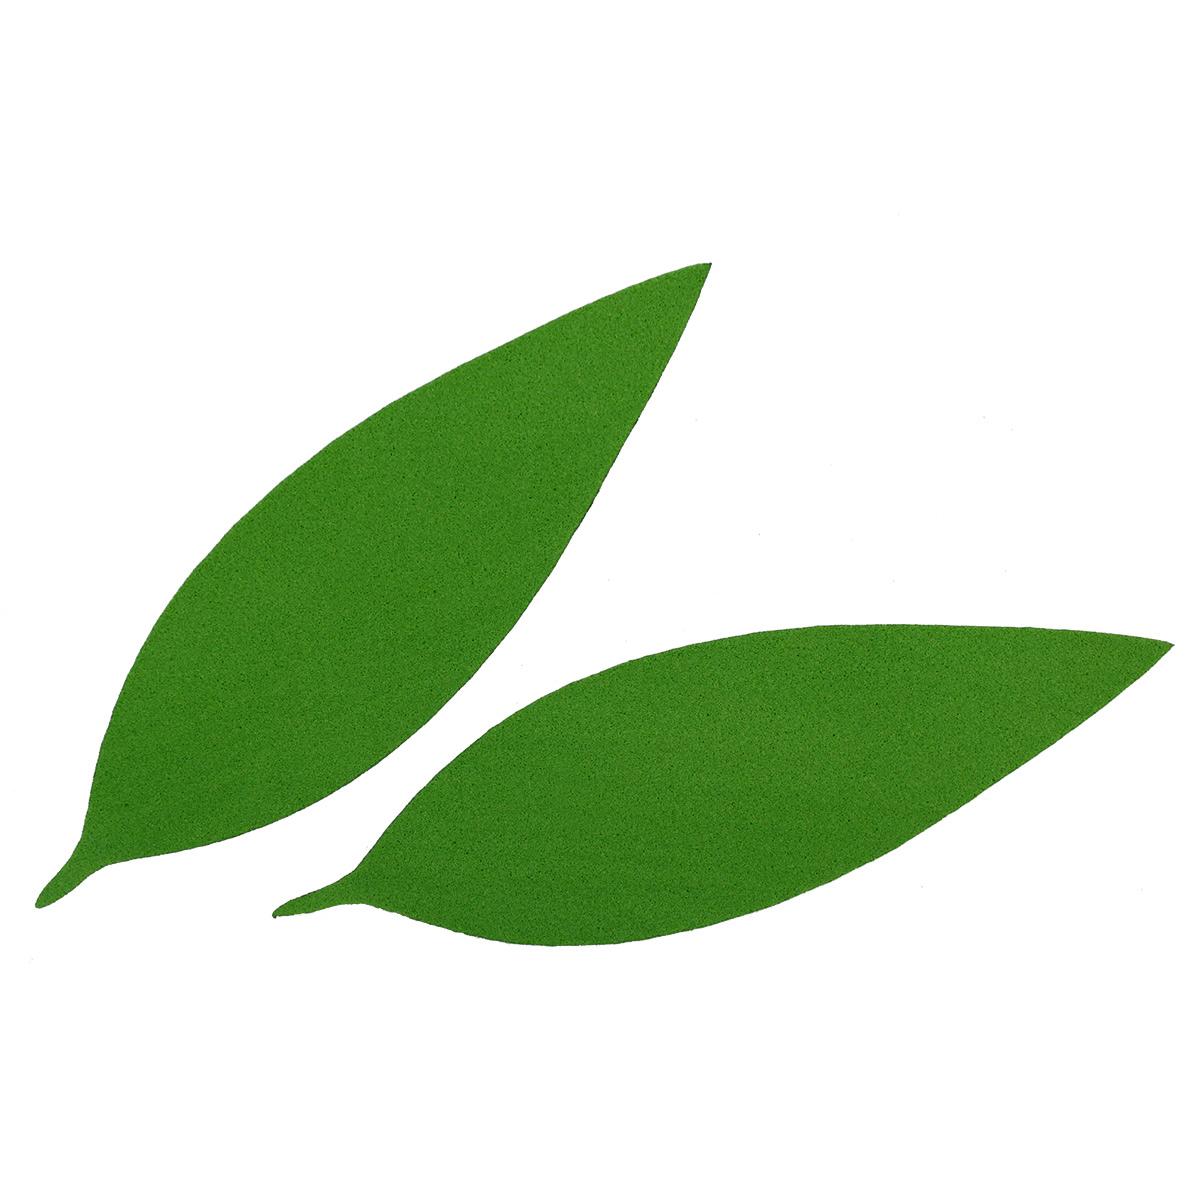 фом9-1-2 Заготовка из фоамирана 'Лист вытянутый', 10х3 см,10шт, тёмно-зелёный